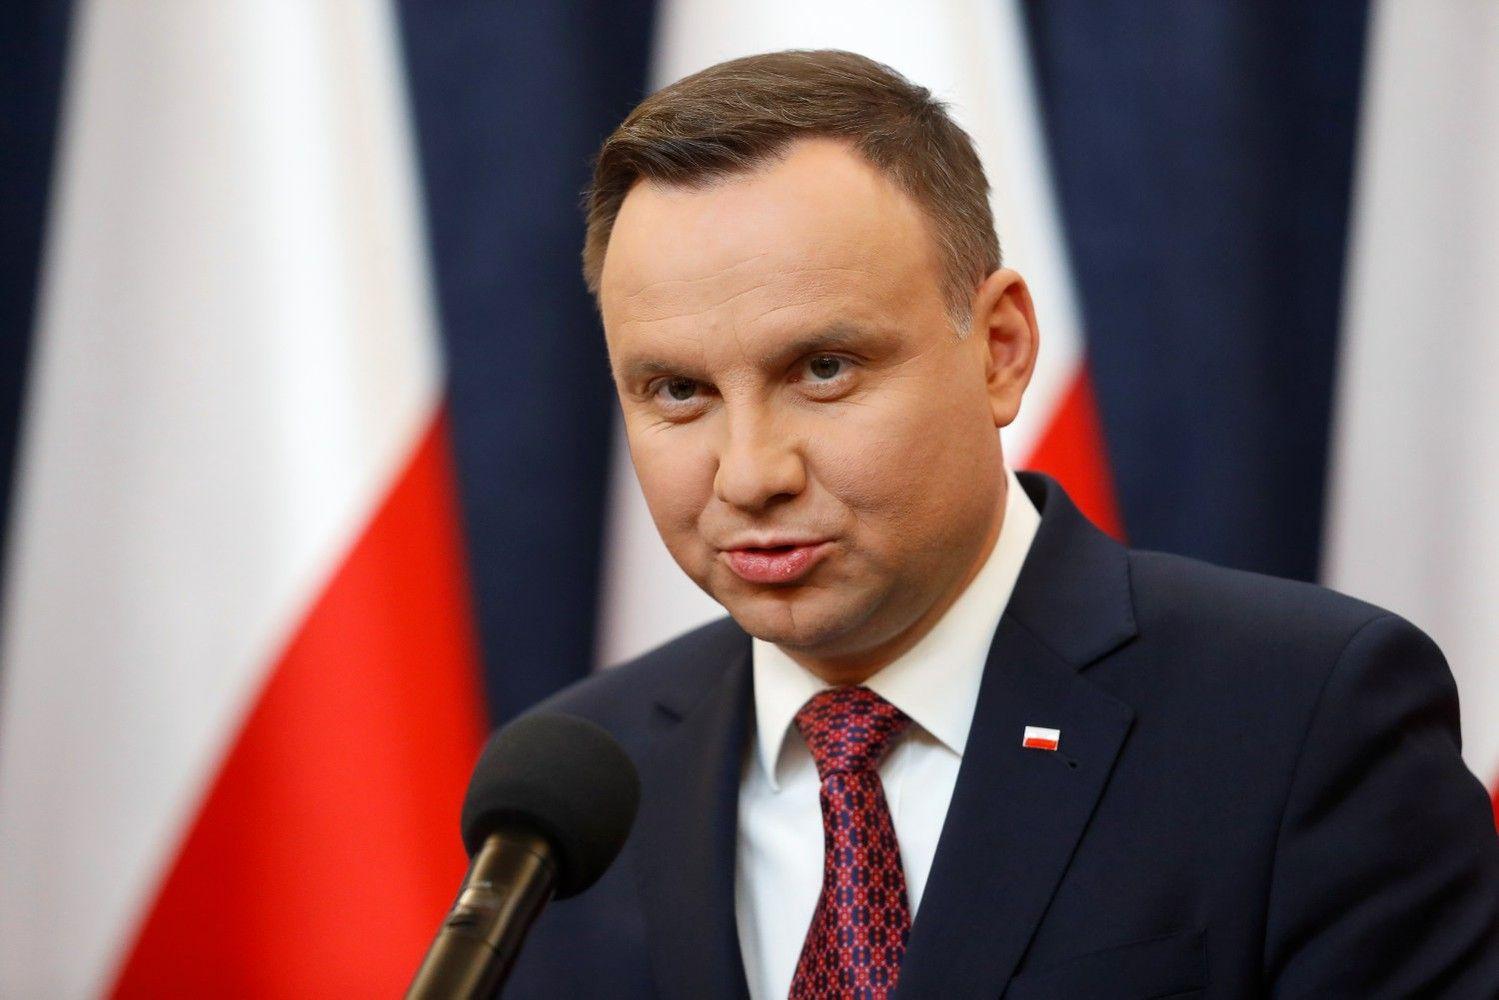 Per šimtmečio minėjimą Lenkija planuoja referendumą, paliesiantį ir šalies narystę ES